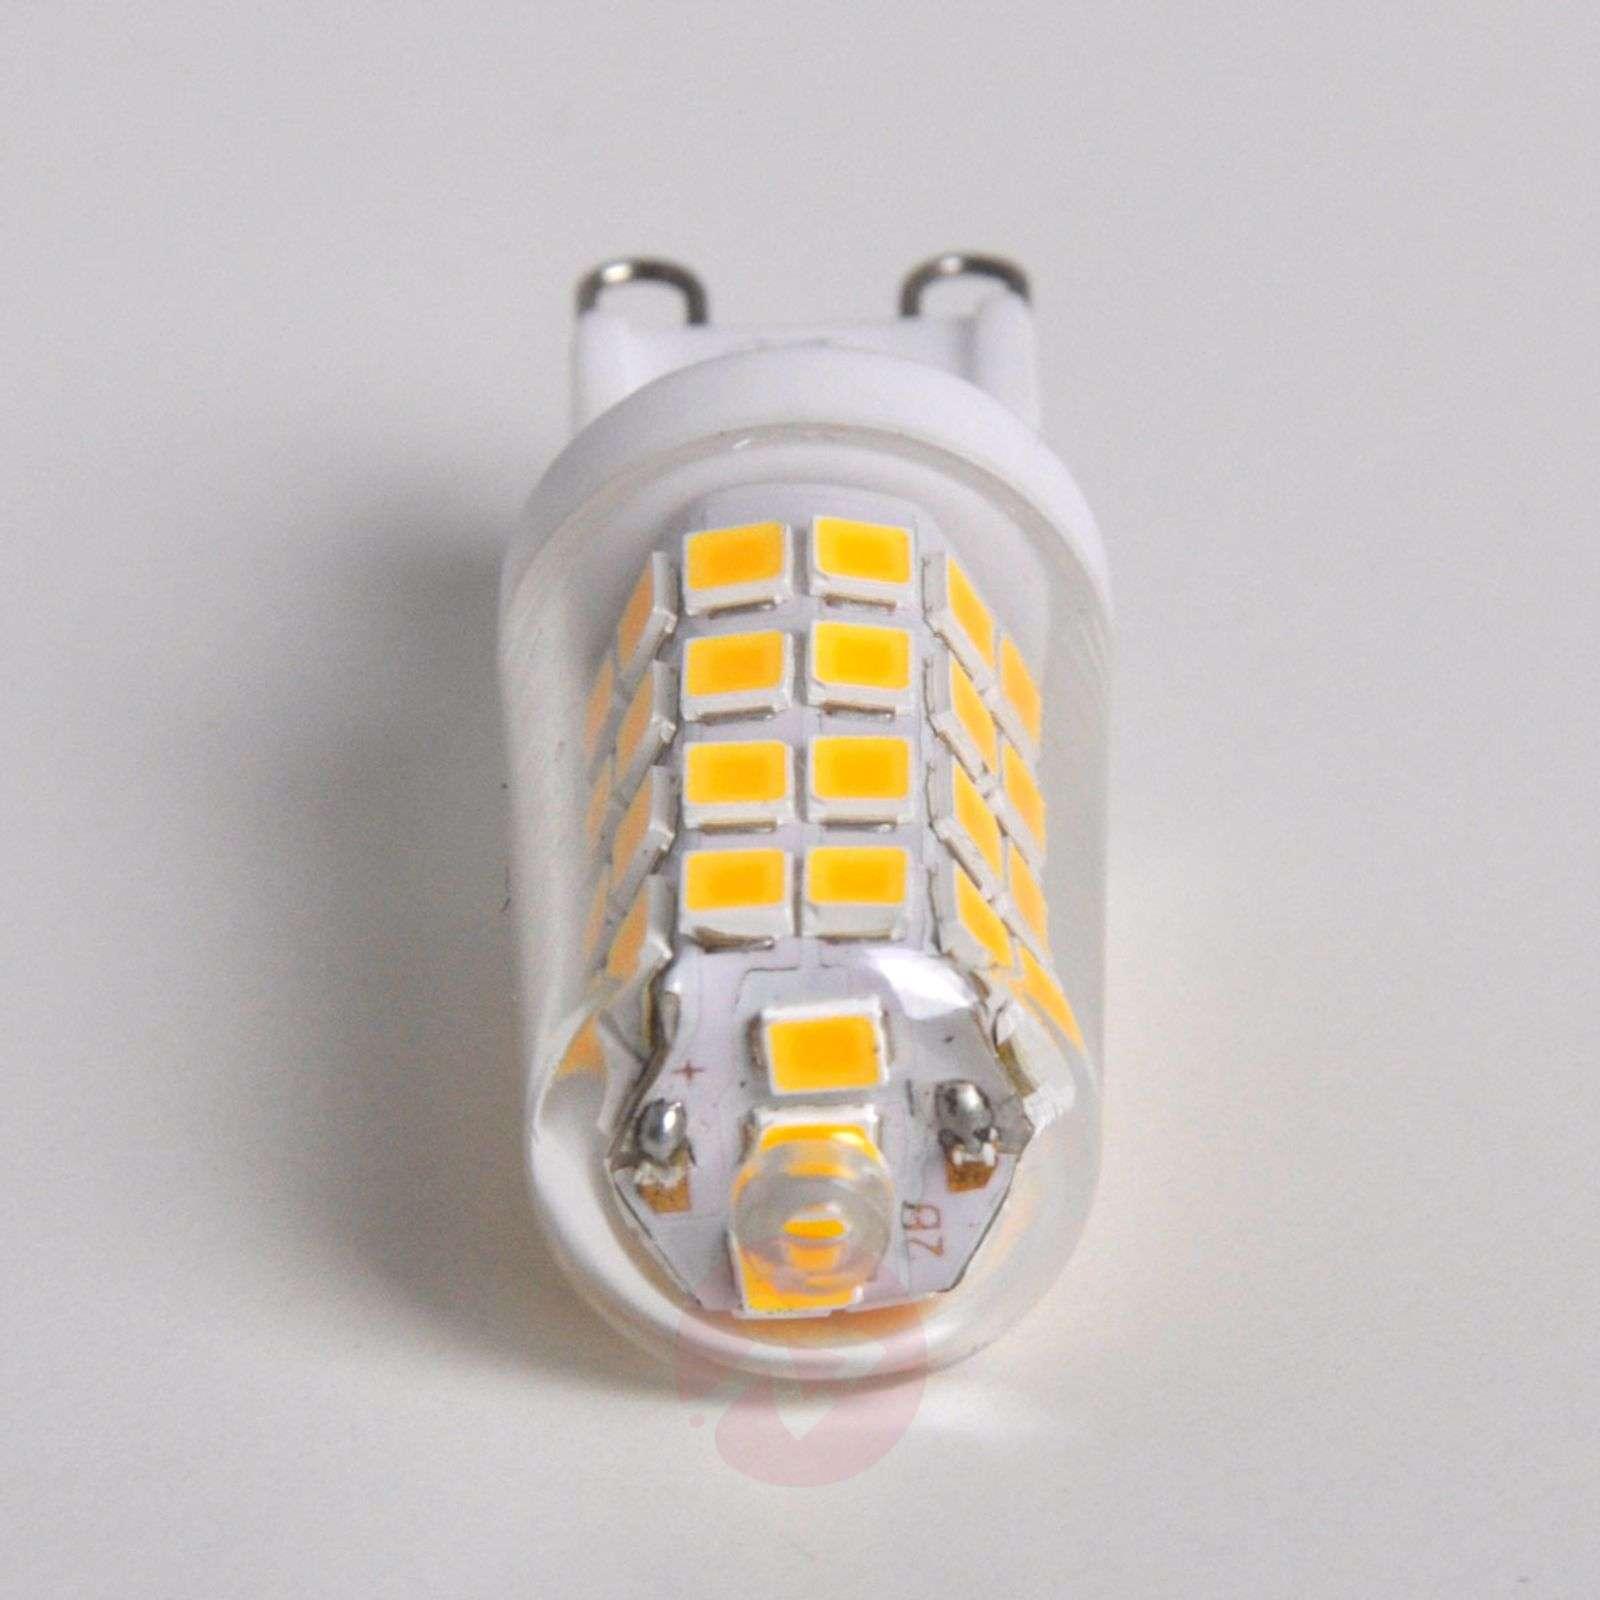 LED-kynälamppu G9 3W, lämmin valkoinen, 330 lm-9992001-01